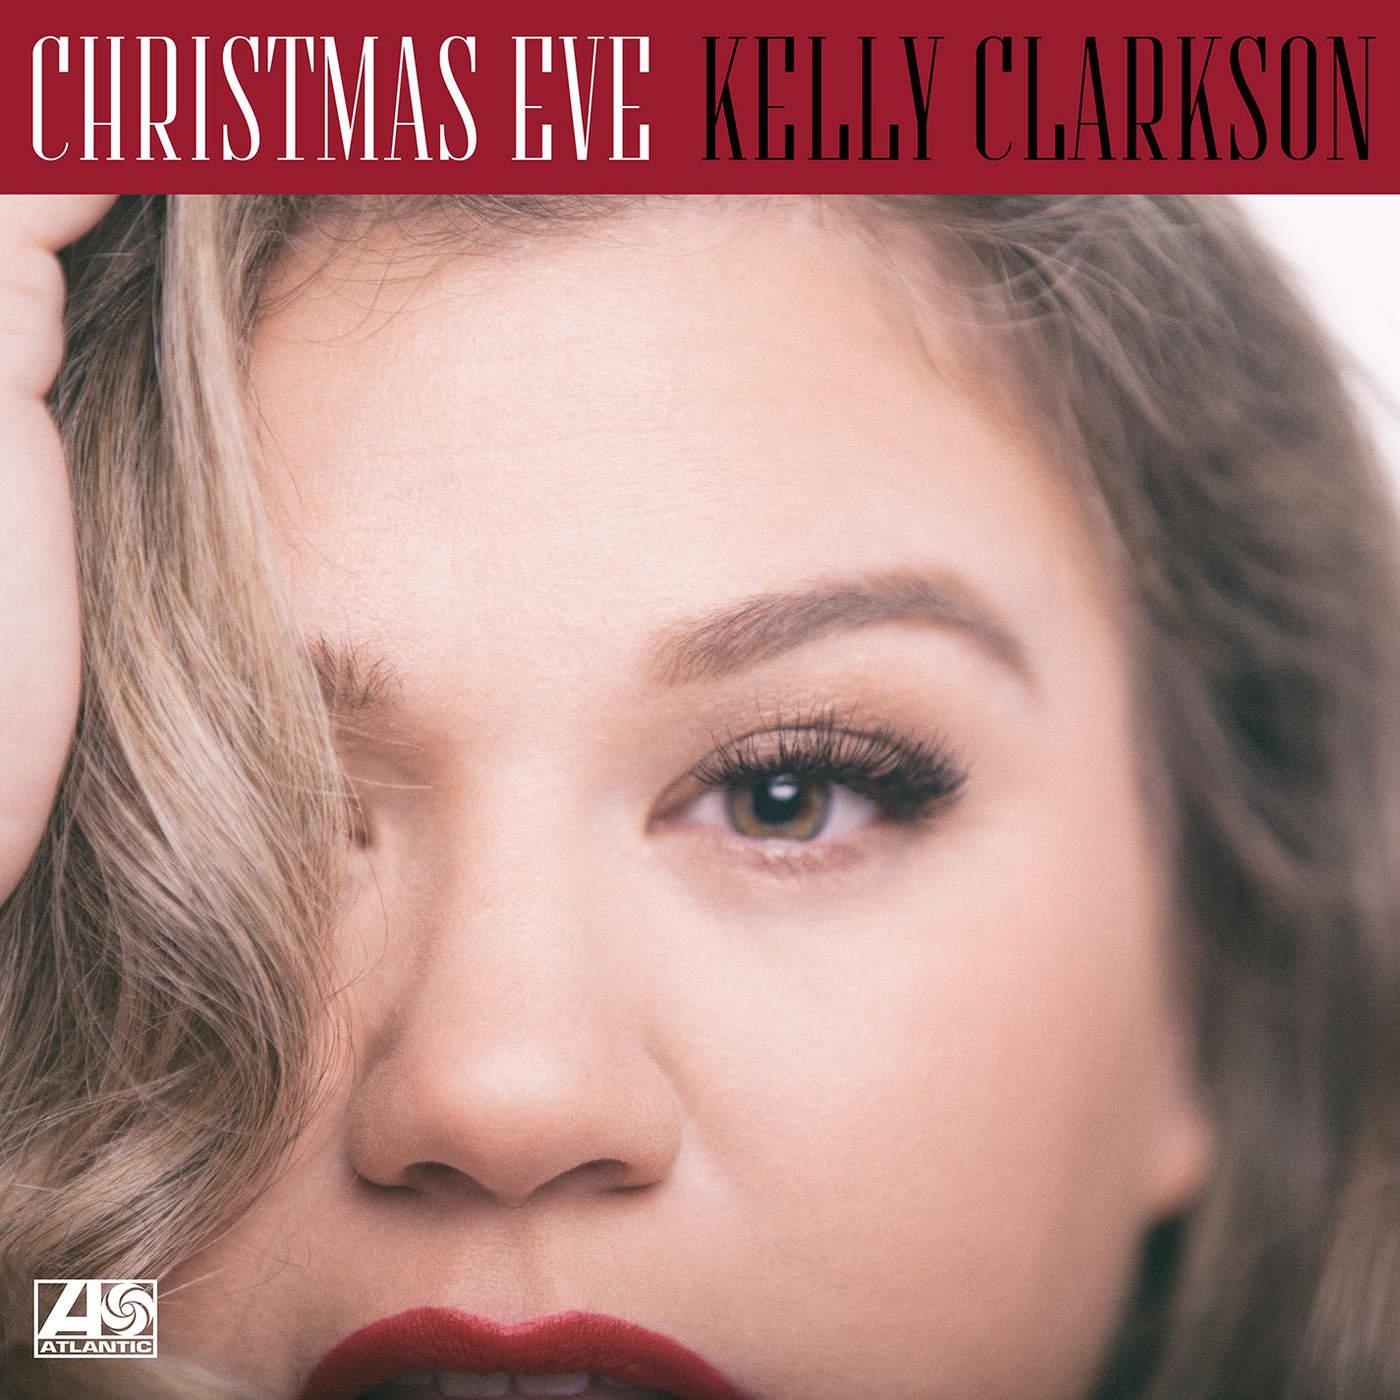 Kelly Clarkson - Christmas Eve - Single